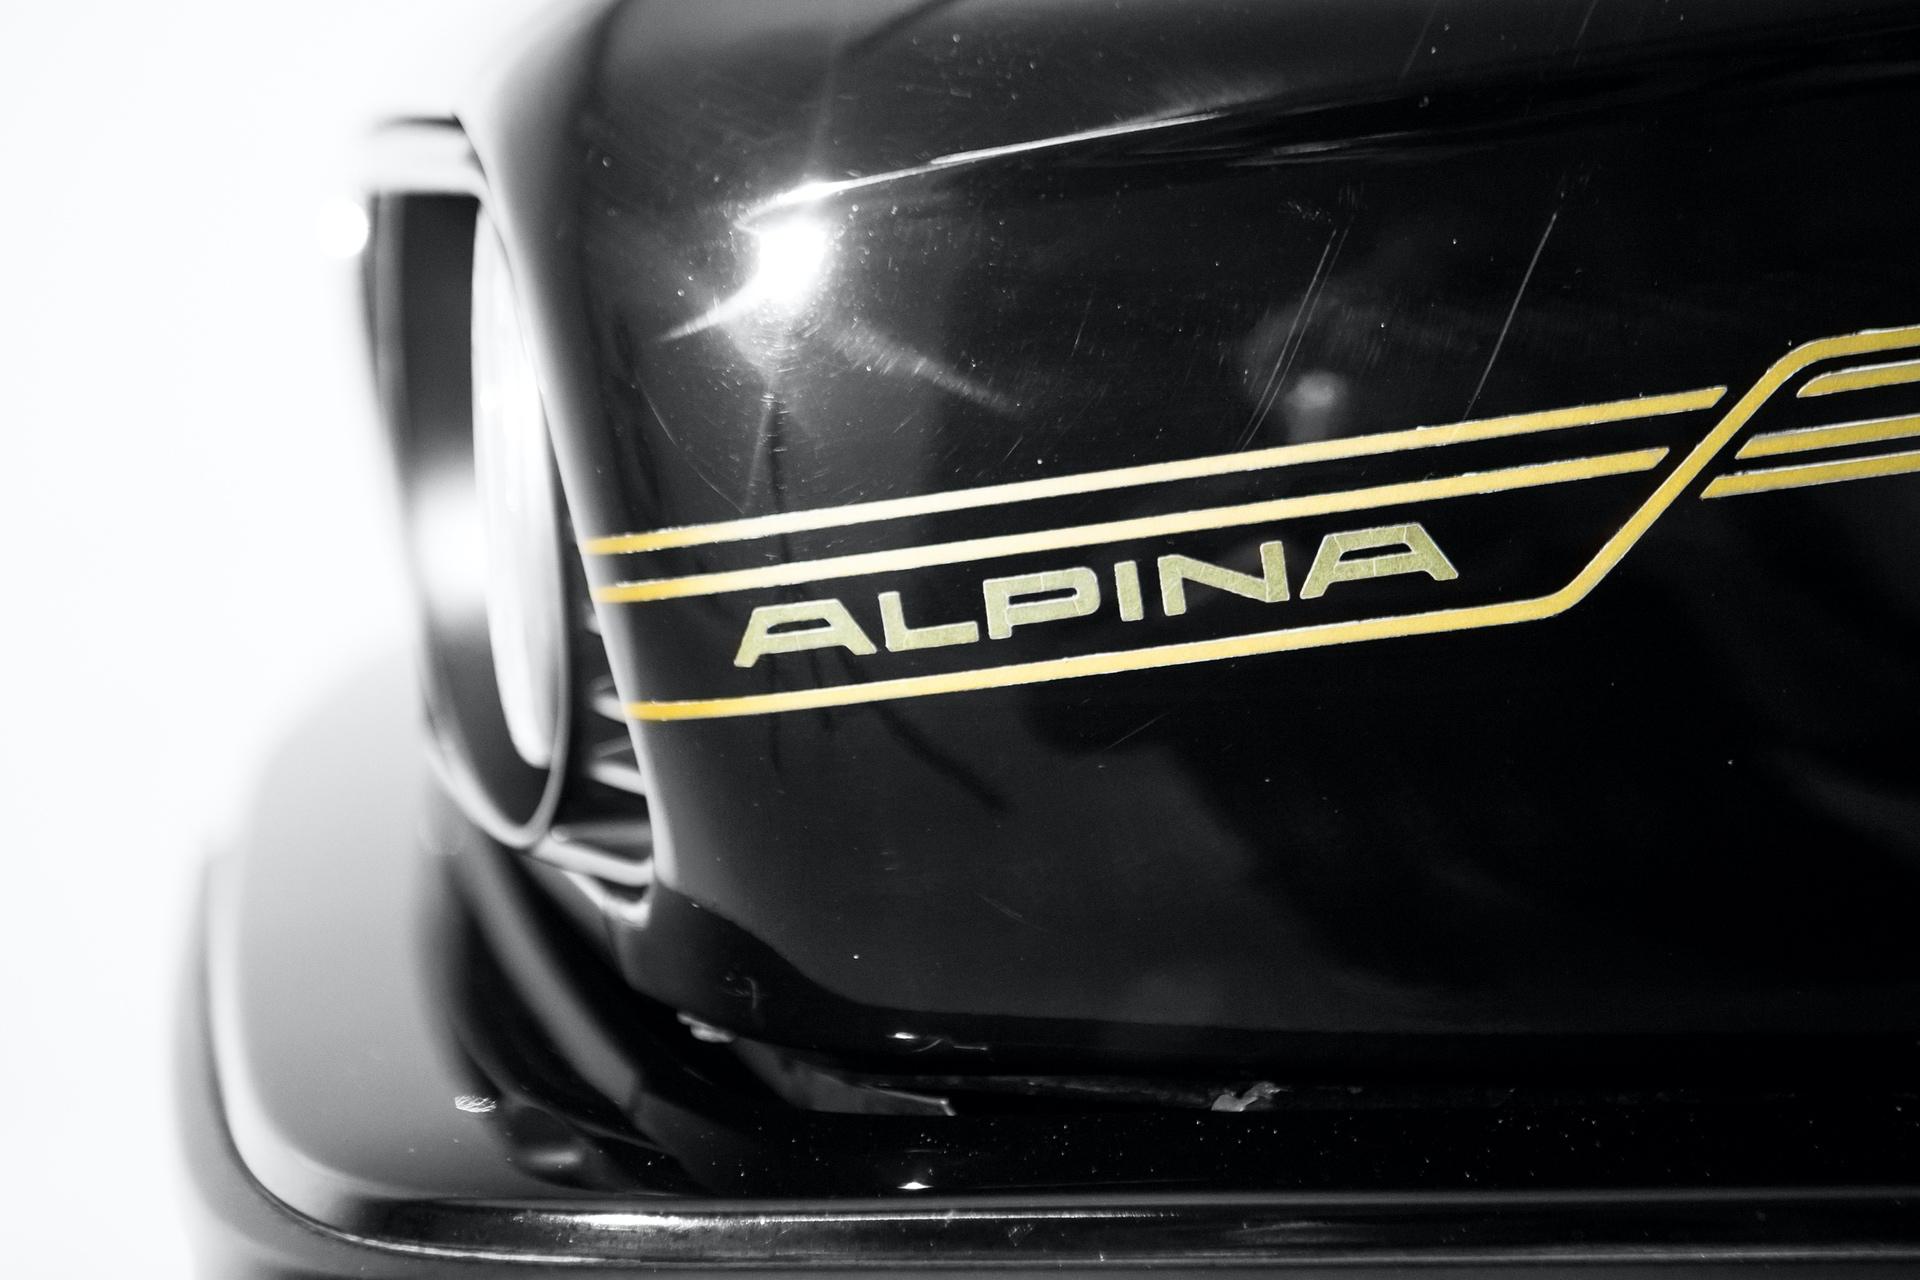 Alpina_C2_2.5_0018